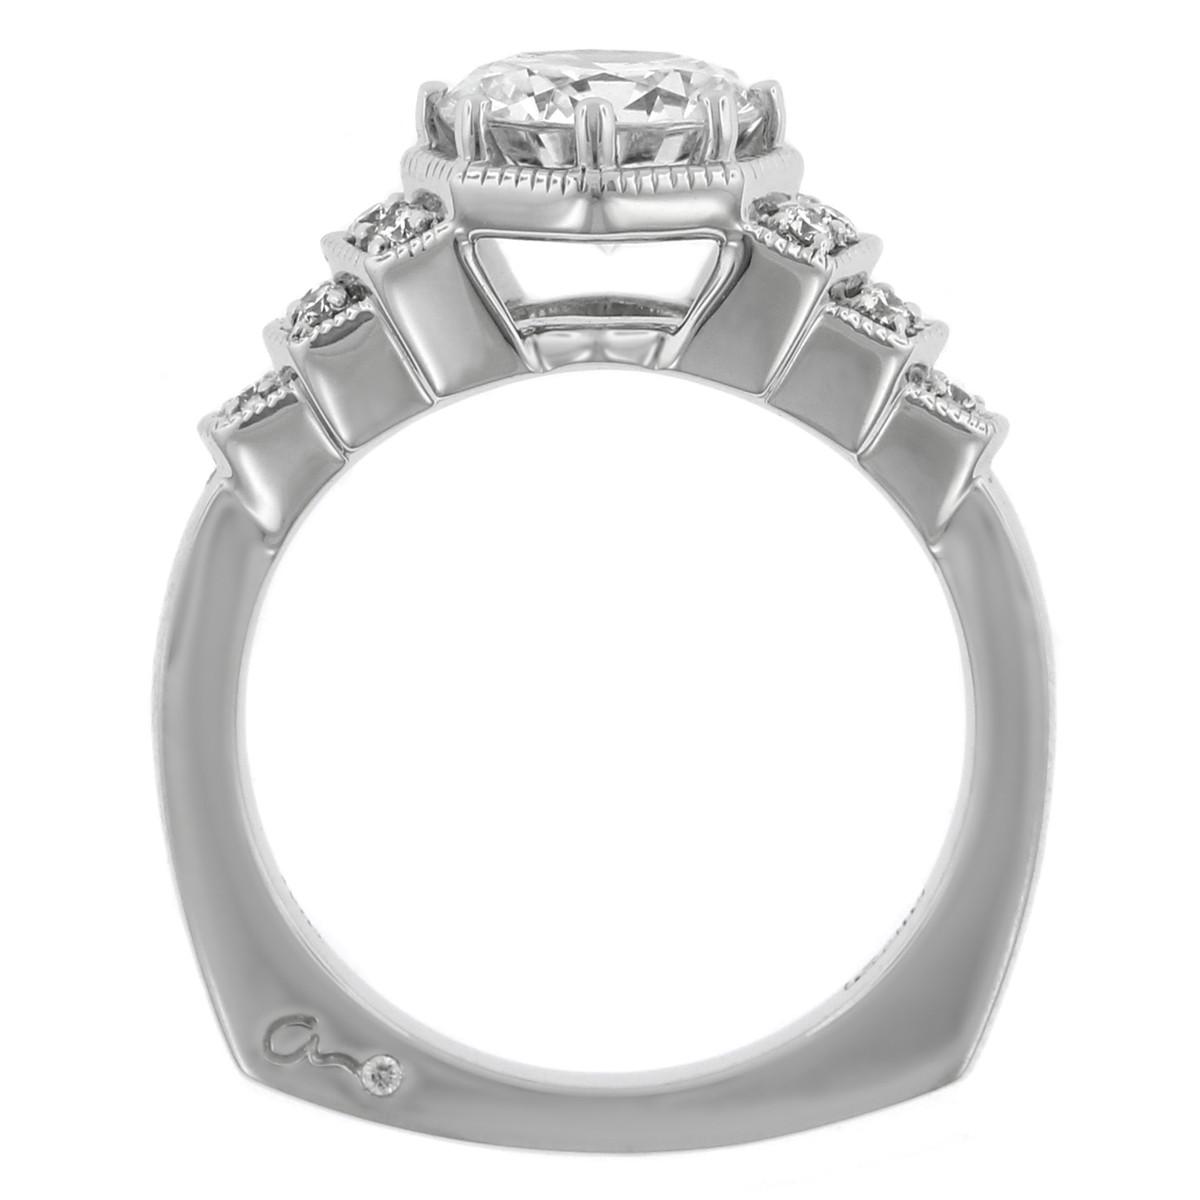 18K White Gold Art Deco Inspired Diamond Engagement Ring